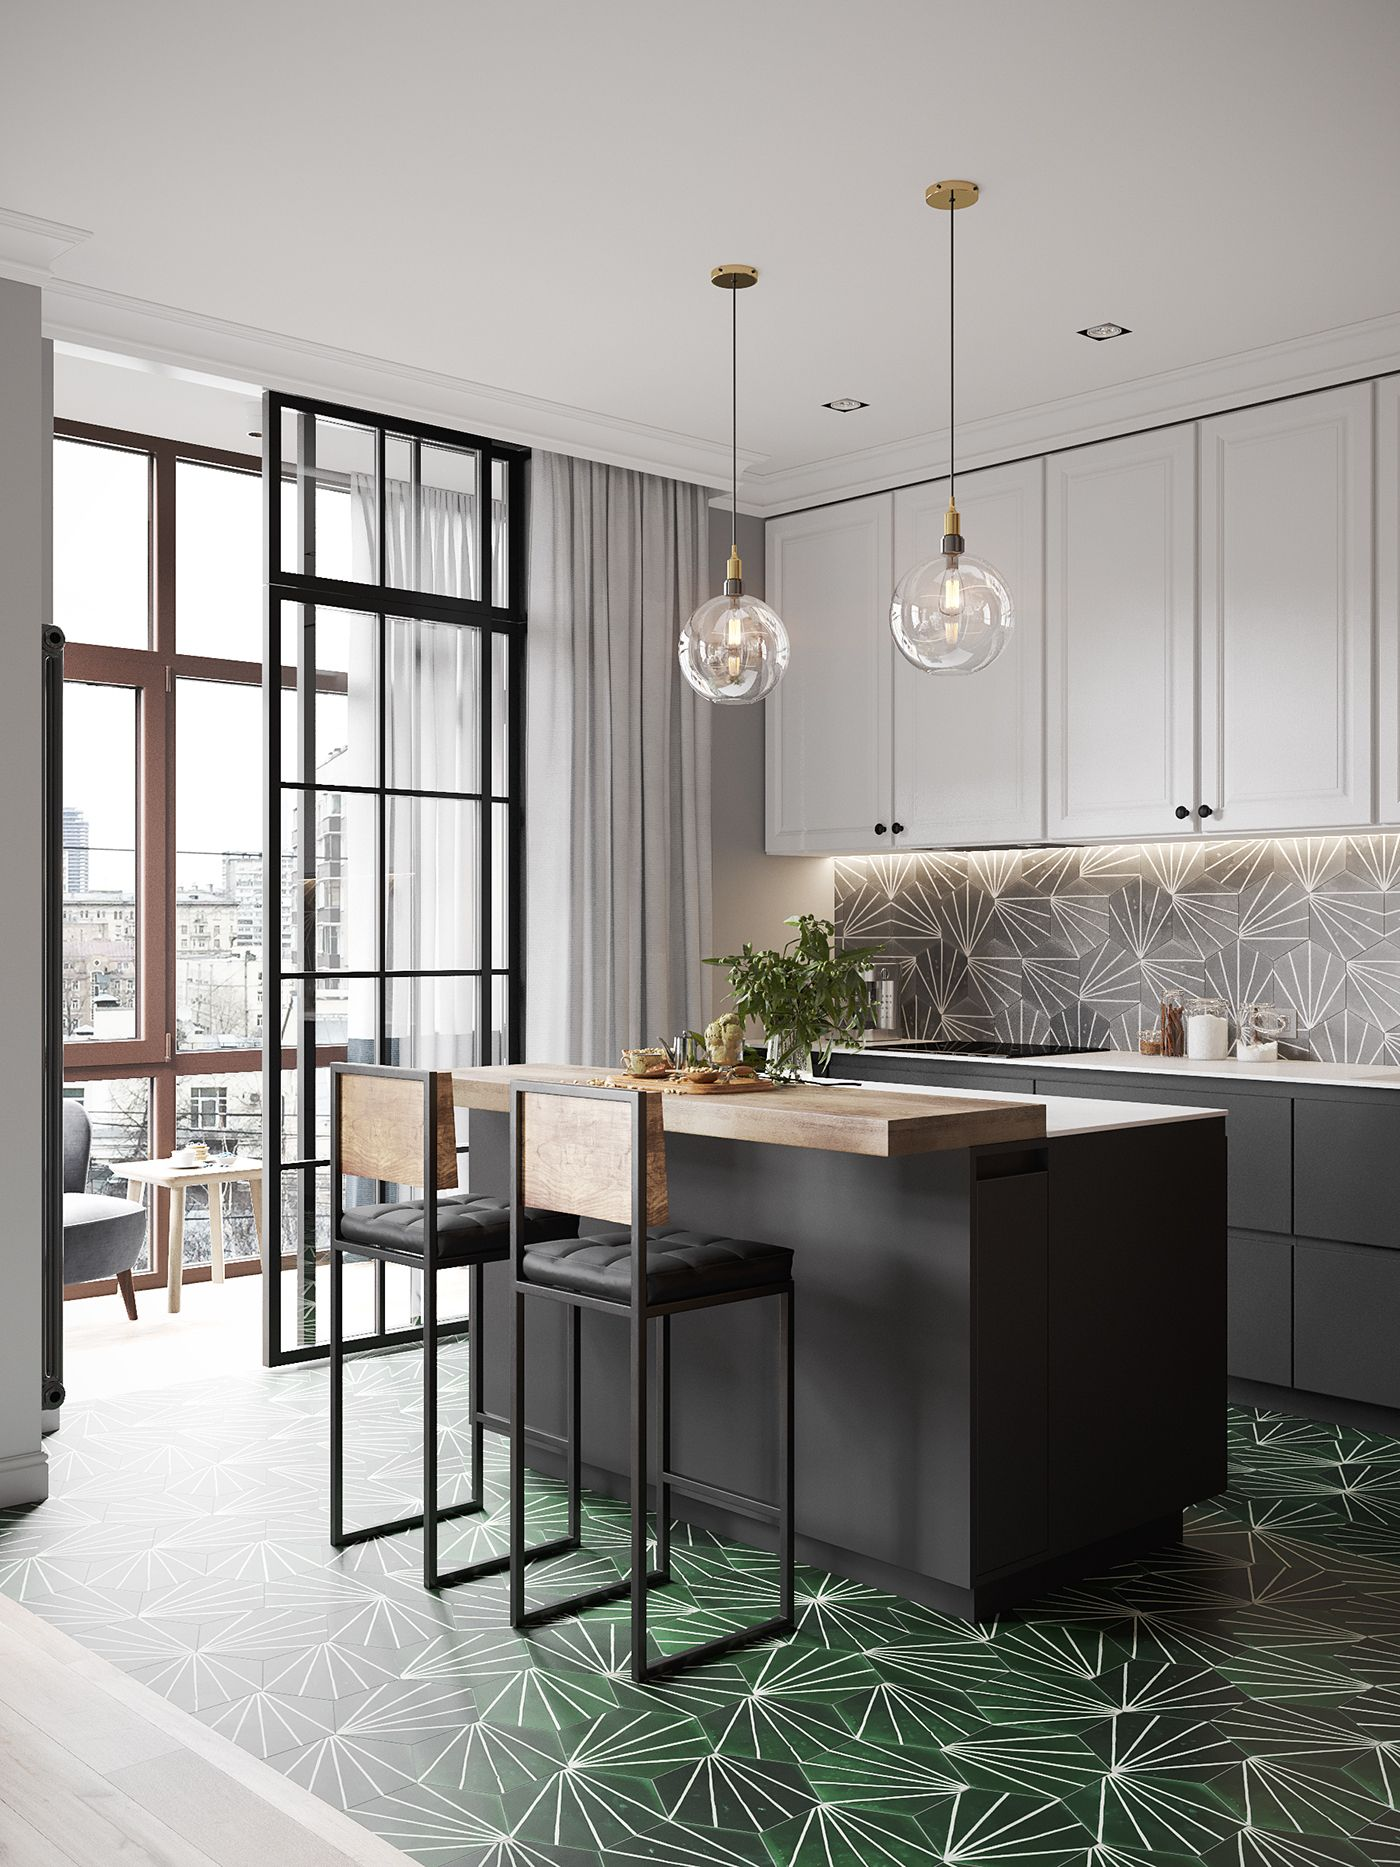 Esszimmer mit küche pin von lea  auf wohnen  pinterest  haus küchen küchen design